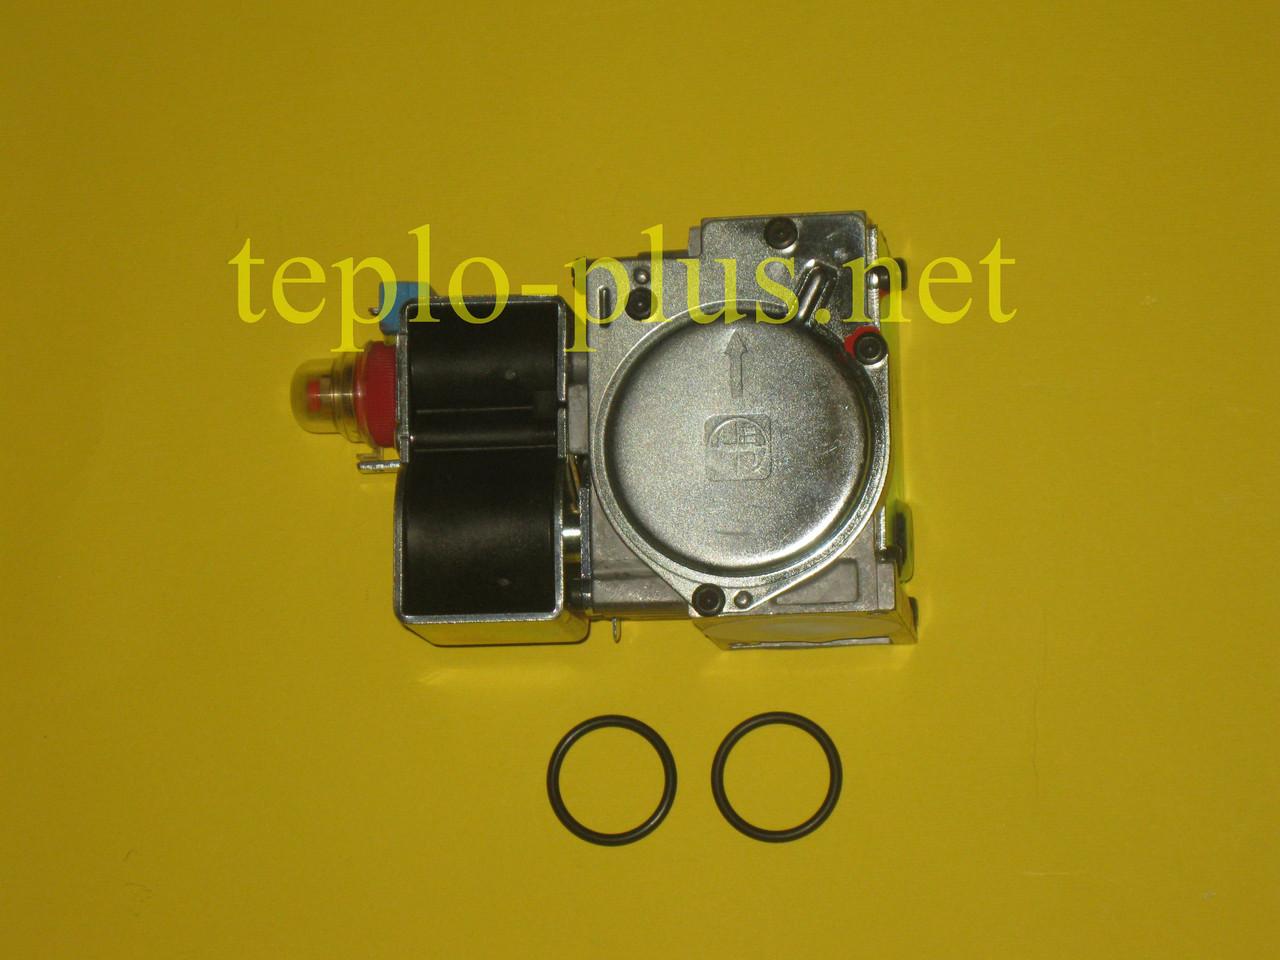 Газовый клапан Sit 845 SIGMA (фланцевое соединение) 65104254 (997656) Ariston Egis, Clas, Genus, Matis, фото 5